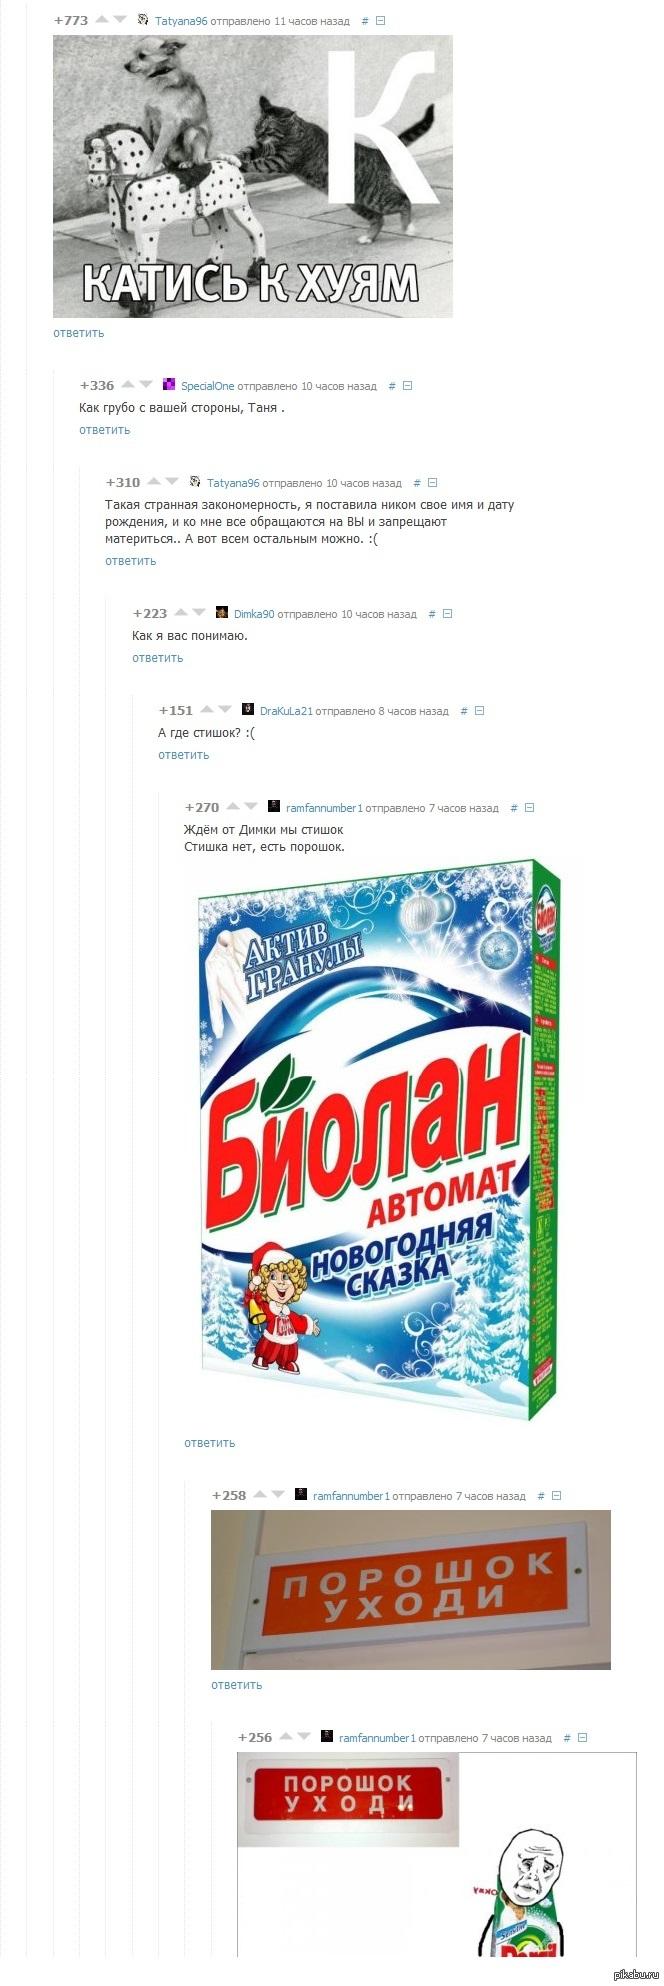 """Минутка поэзии на Пикабу <a href=""""http://pikabu.ru/story/krik_dushi_ili_o_nabolevshem_1583349#comment_16502623"""">#comment_16502623</a>"""